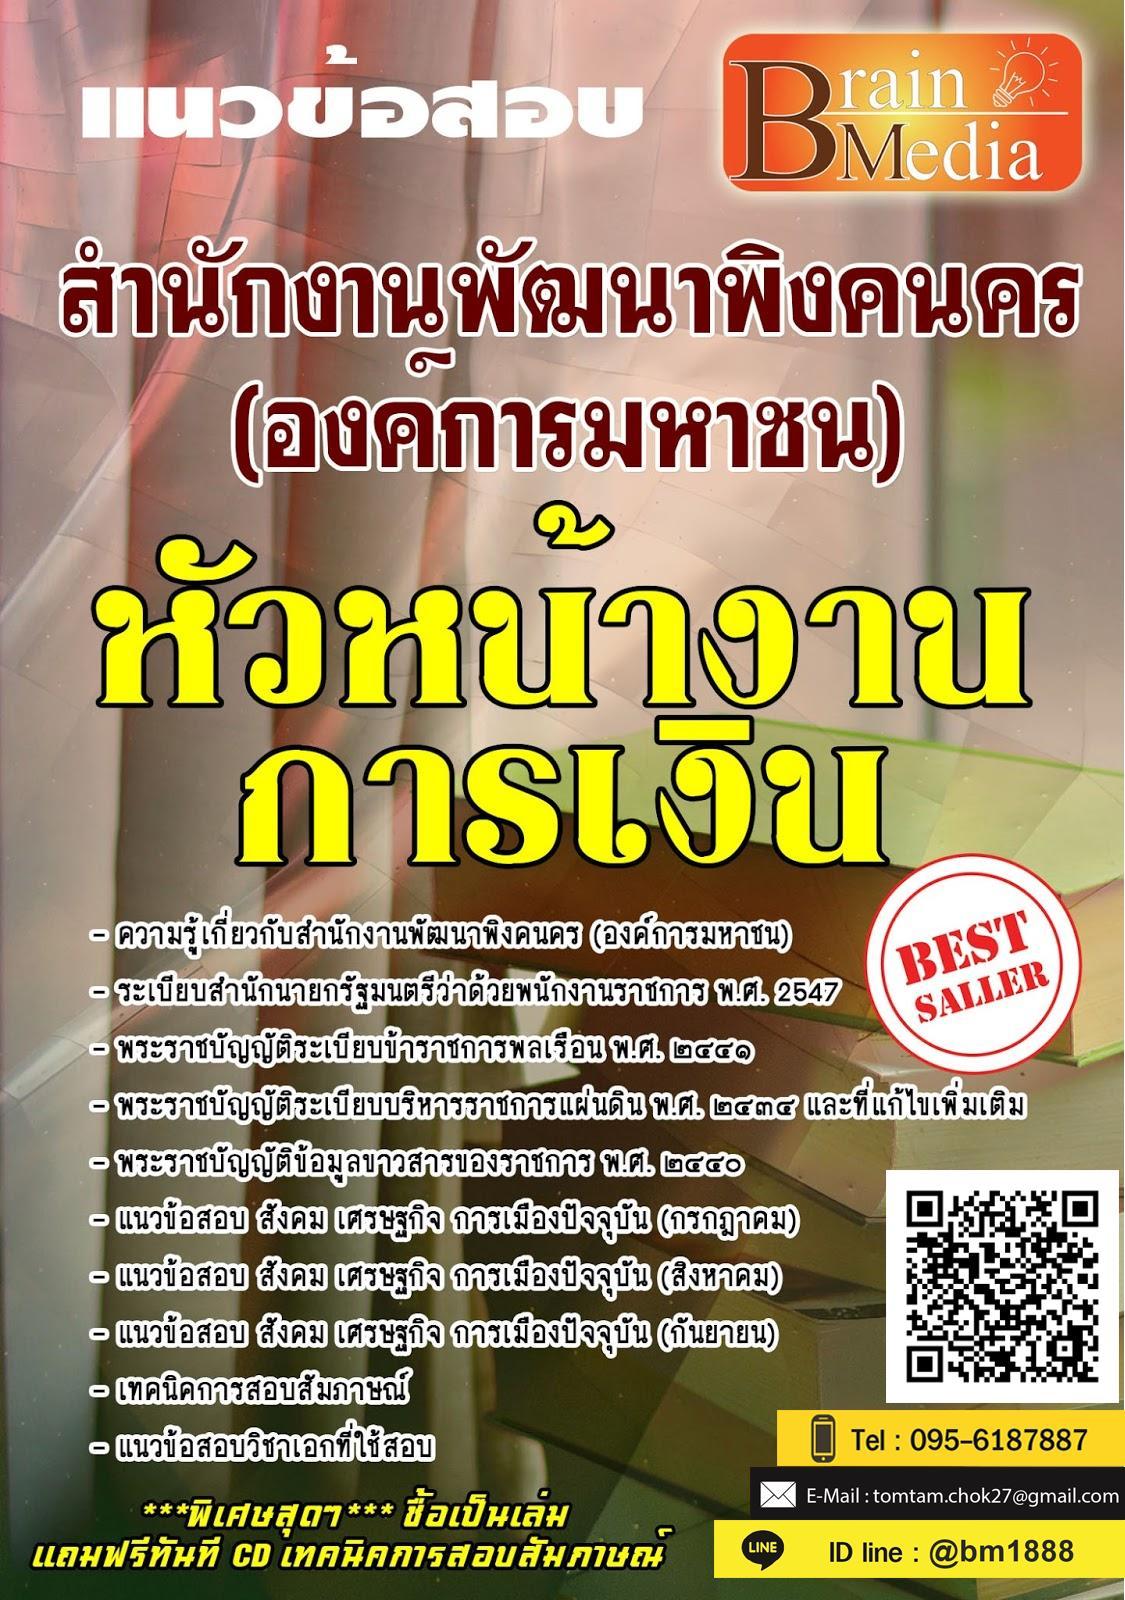 สรุปแนวข้อสอบพร้อมเฉลย หัวหน้างานการเงิน สำนักงานพัฒนาพิงคนคร (องค์การมหาชน)